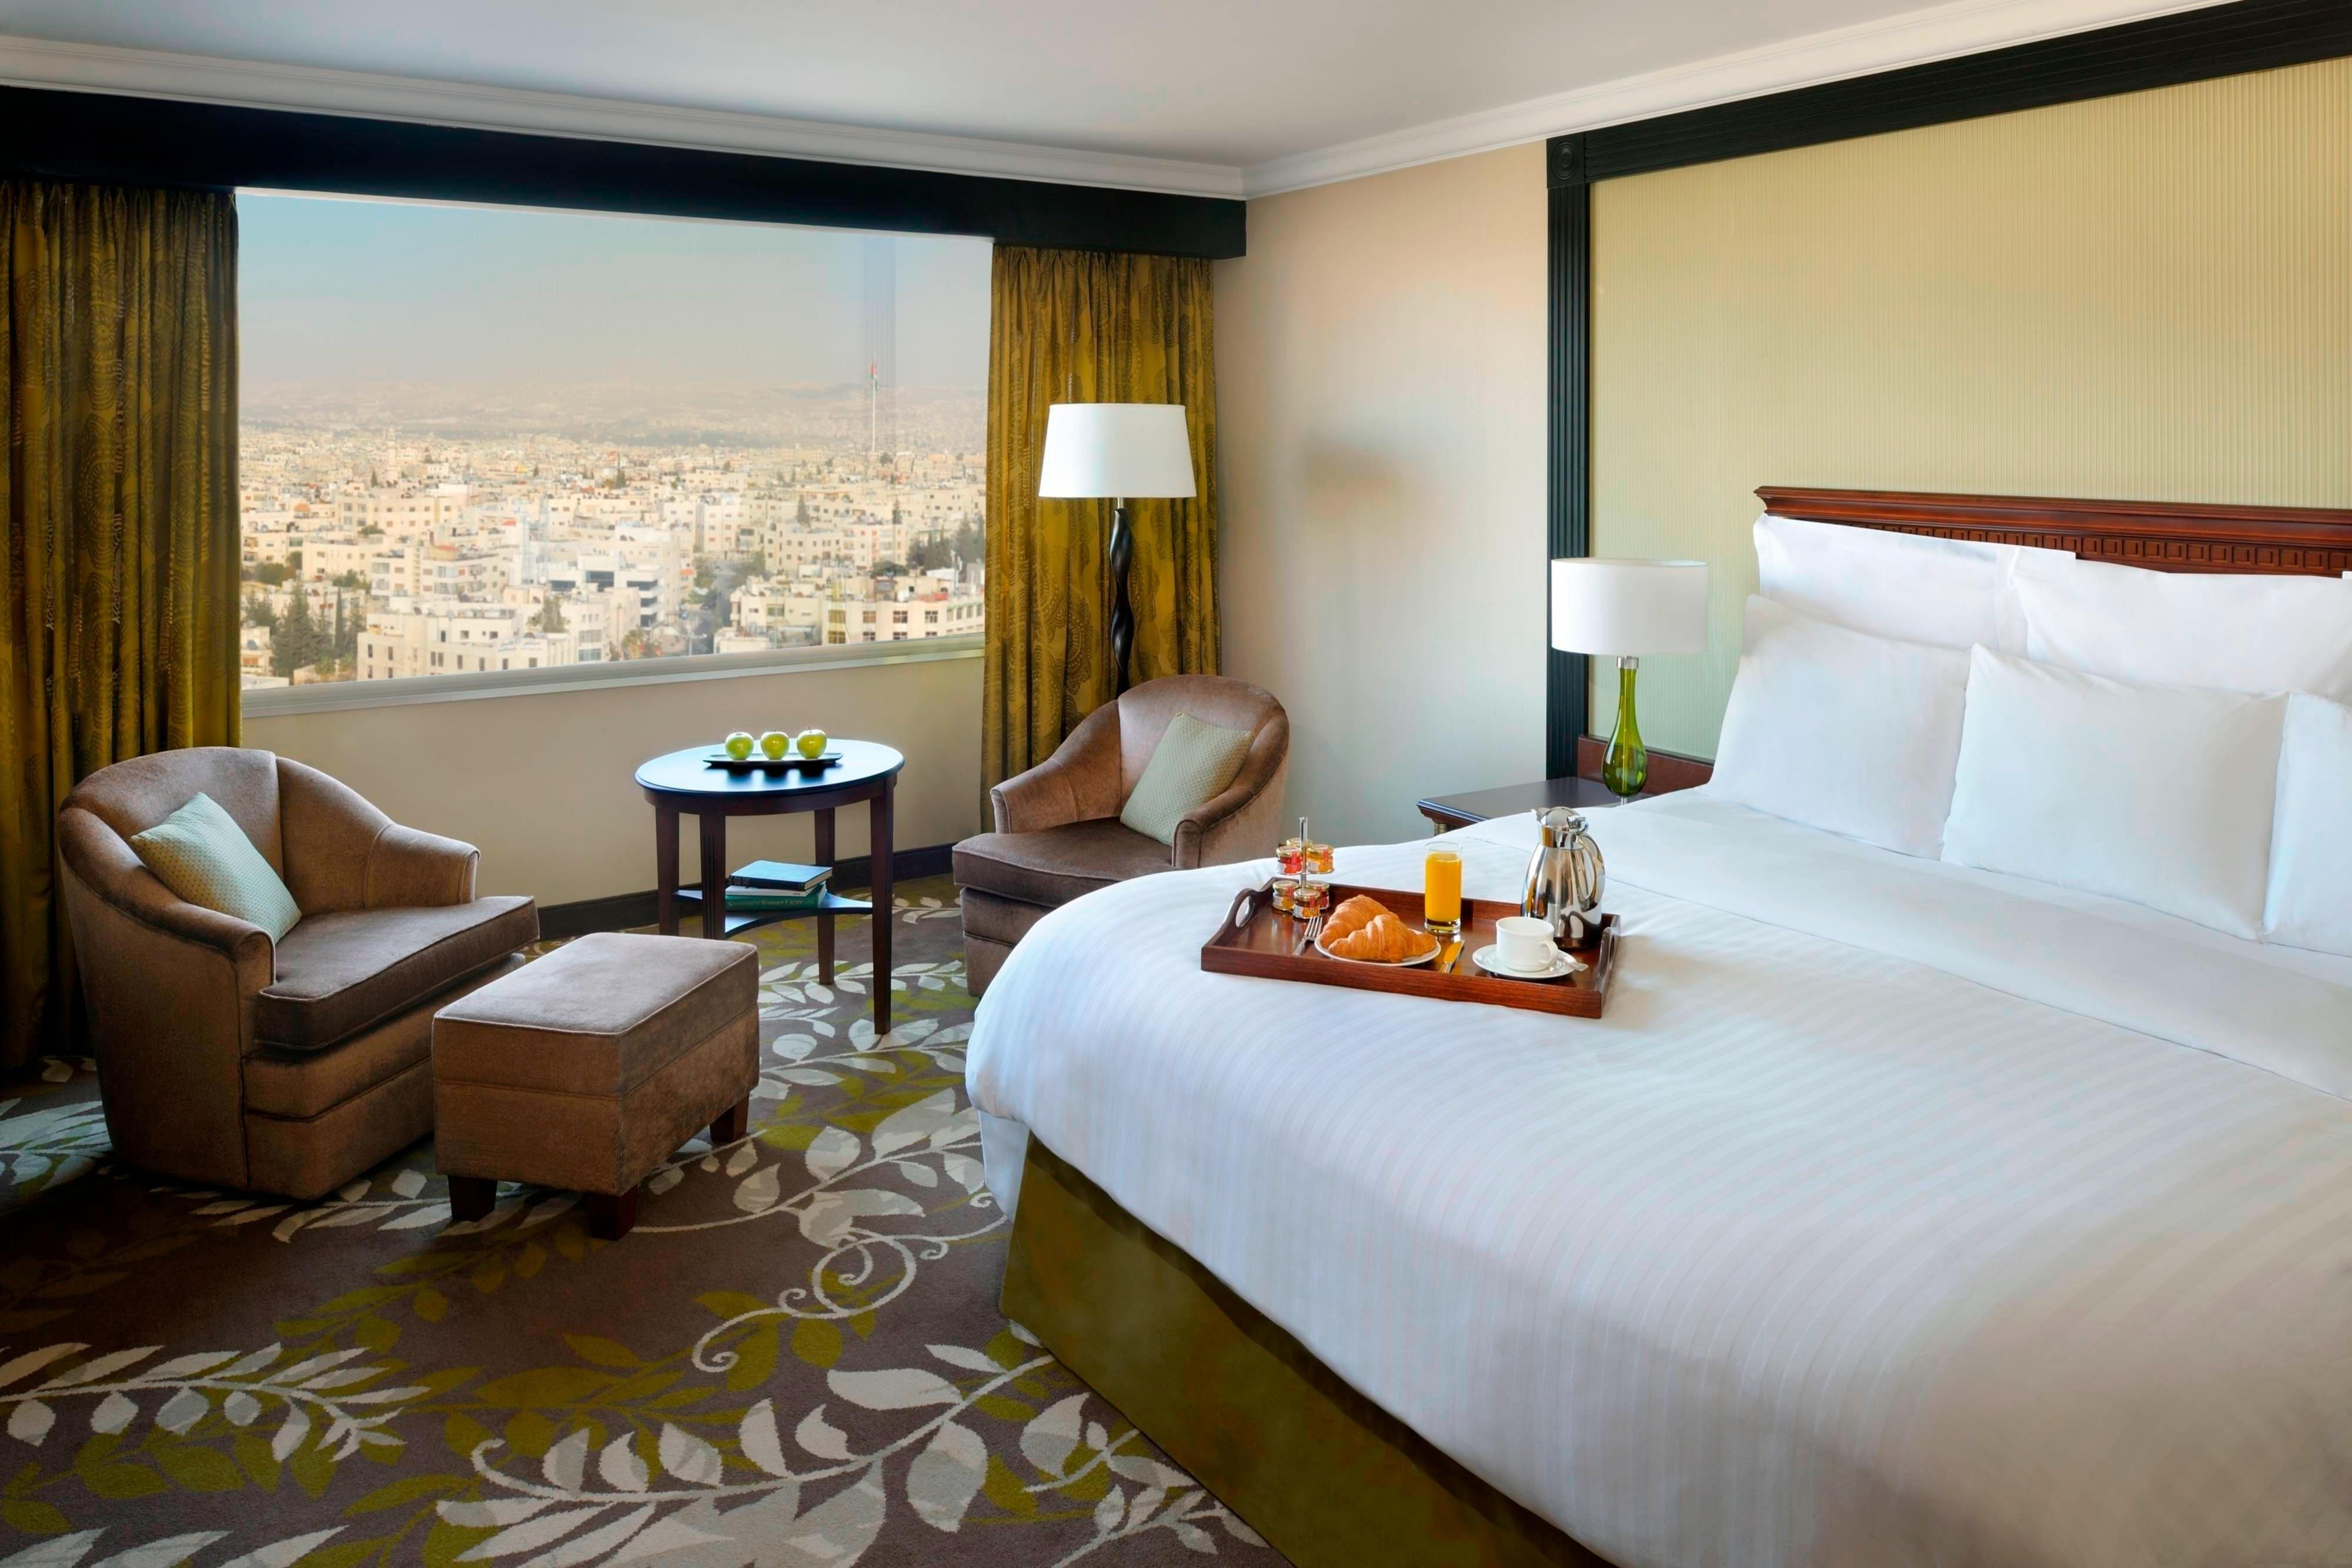 Amman Jordan Accommodation Hotel Rooms Amman Marriott